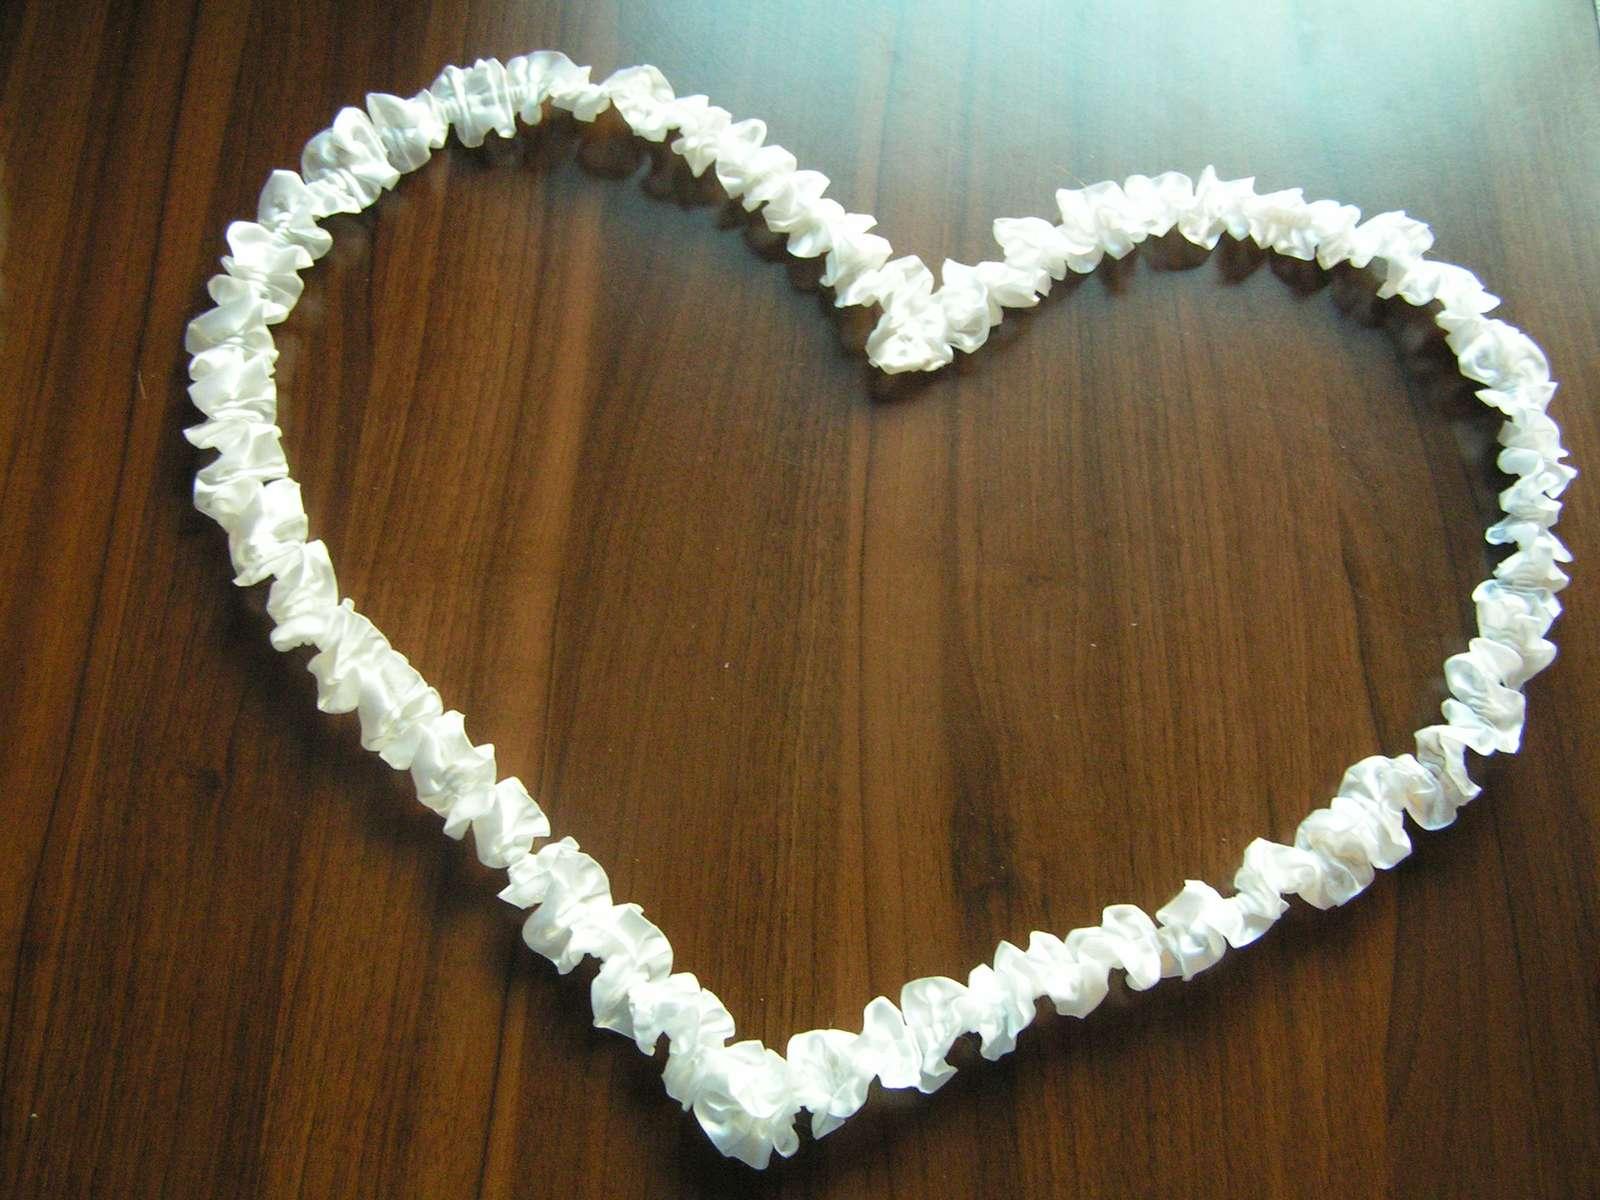 Bílé srdce - 52 cm - Obrázek č. 1